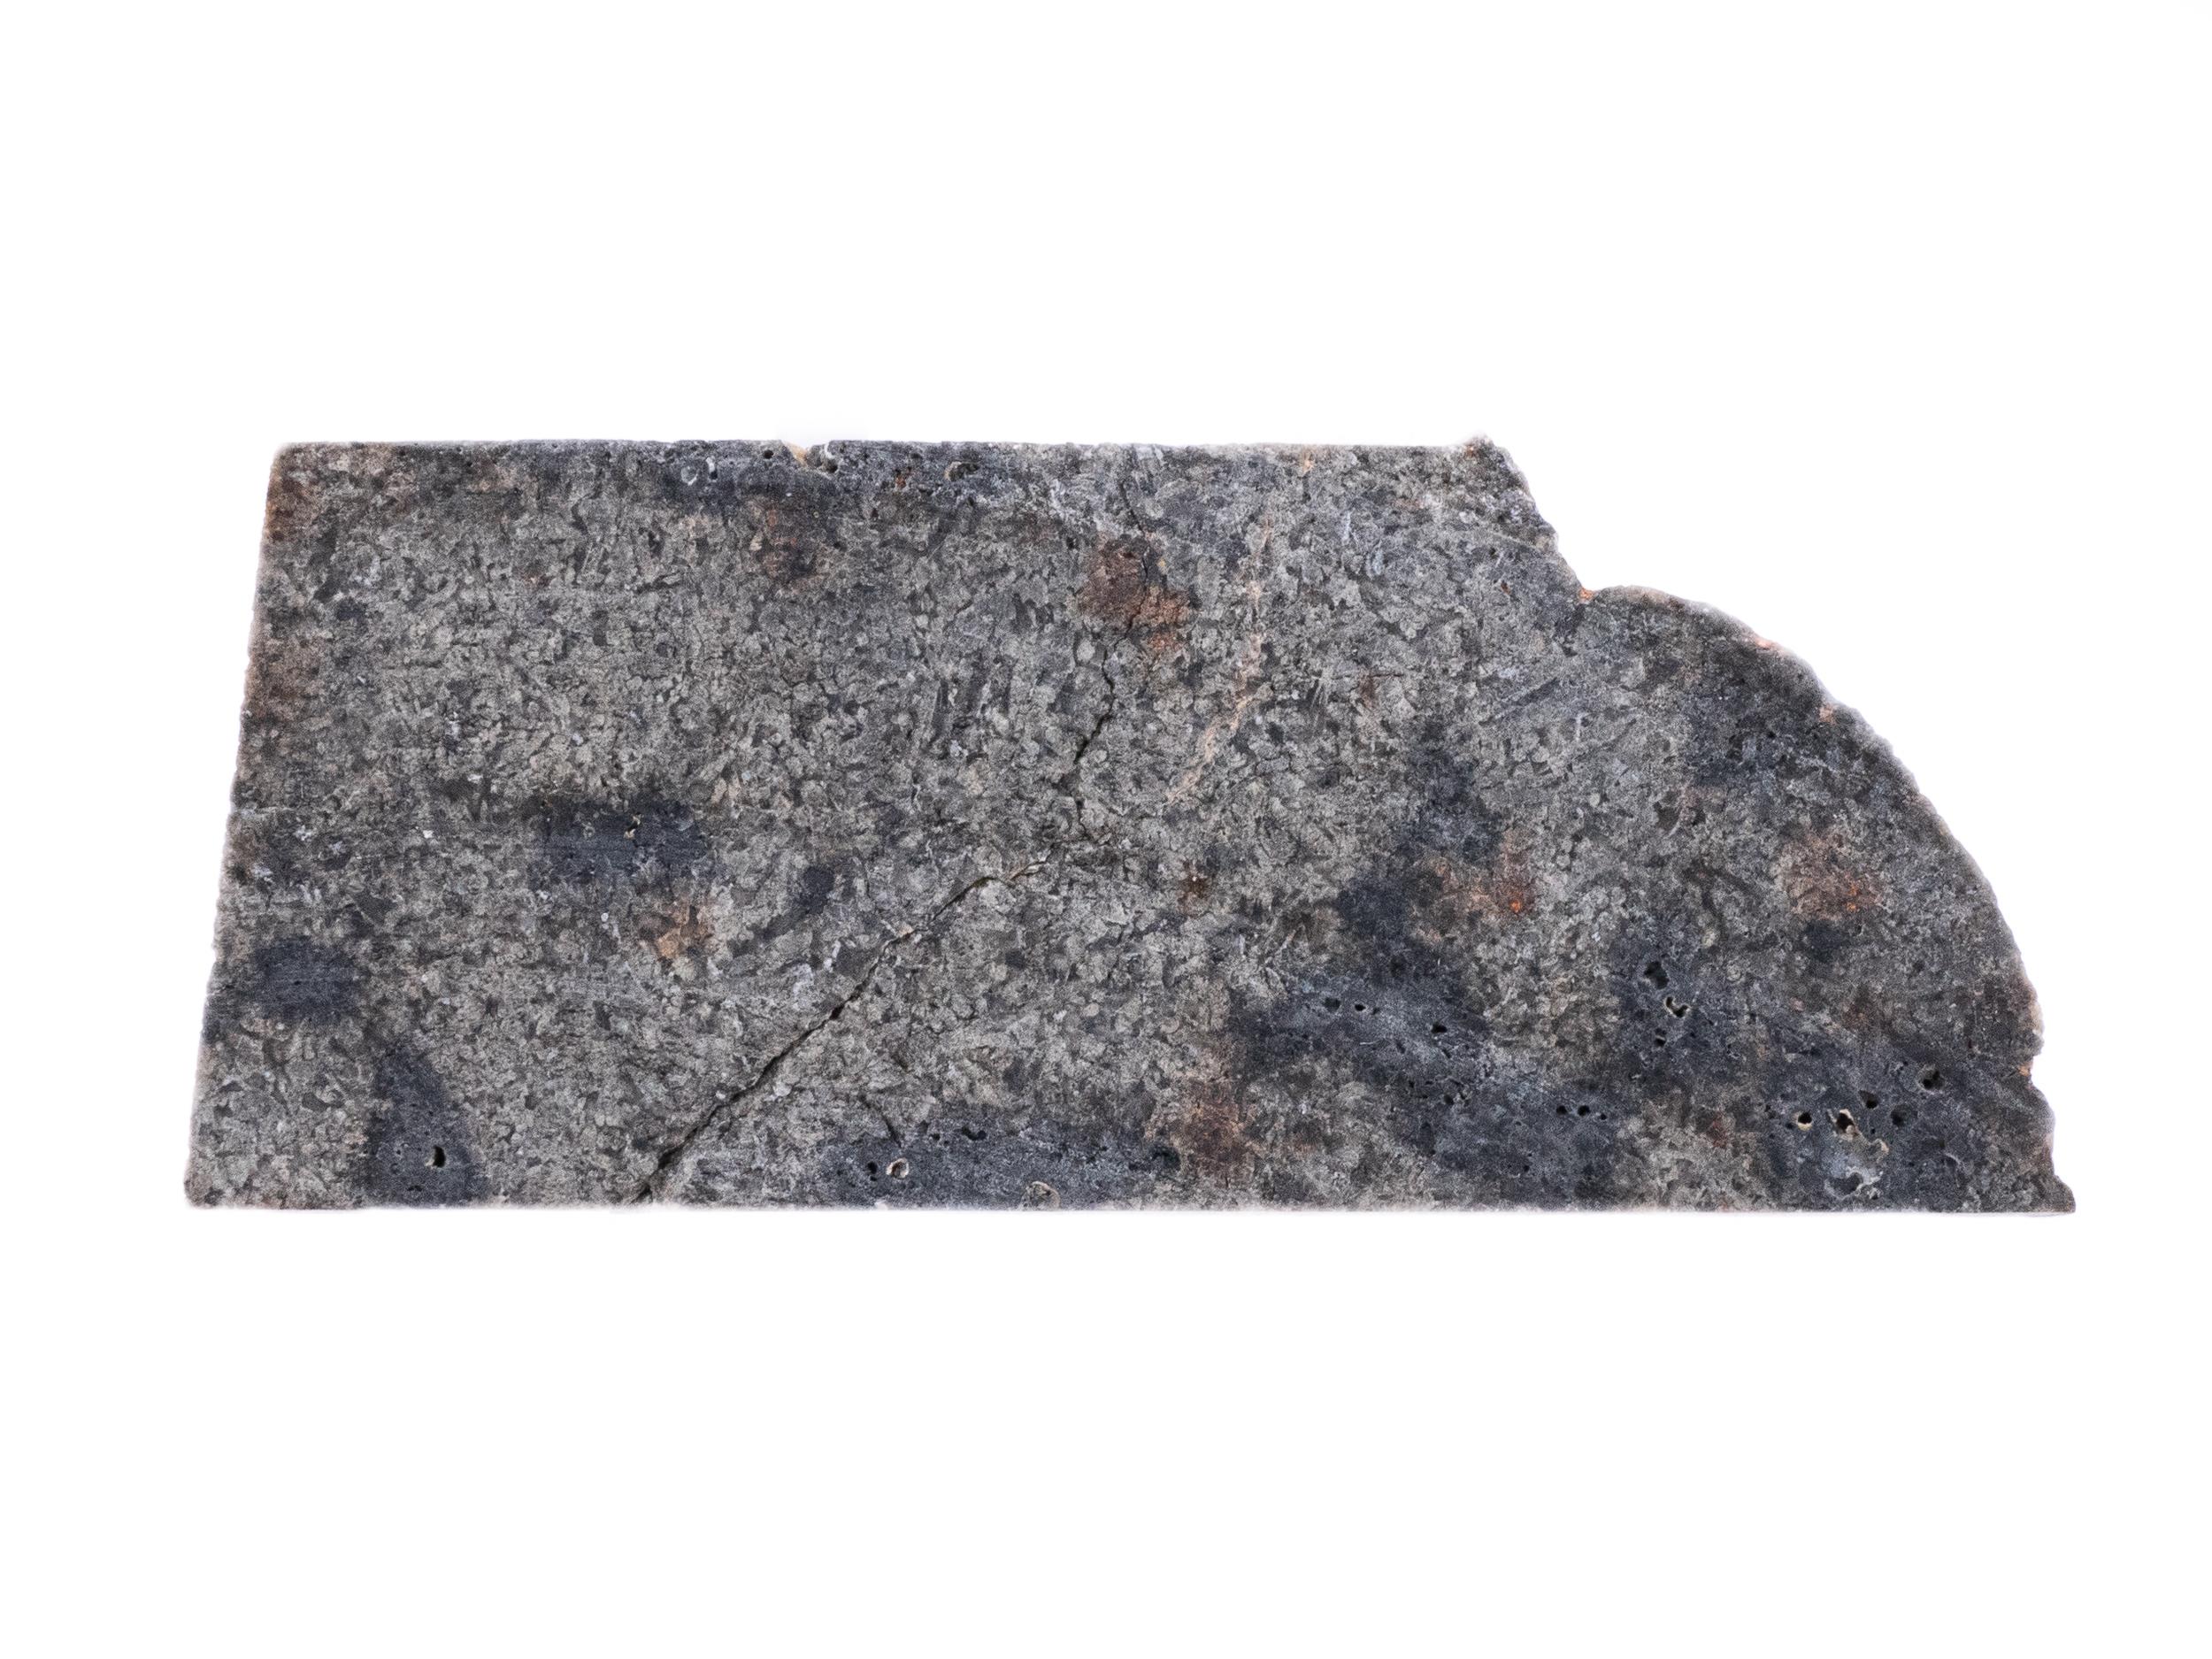 martian meteorite 2 6